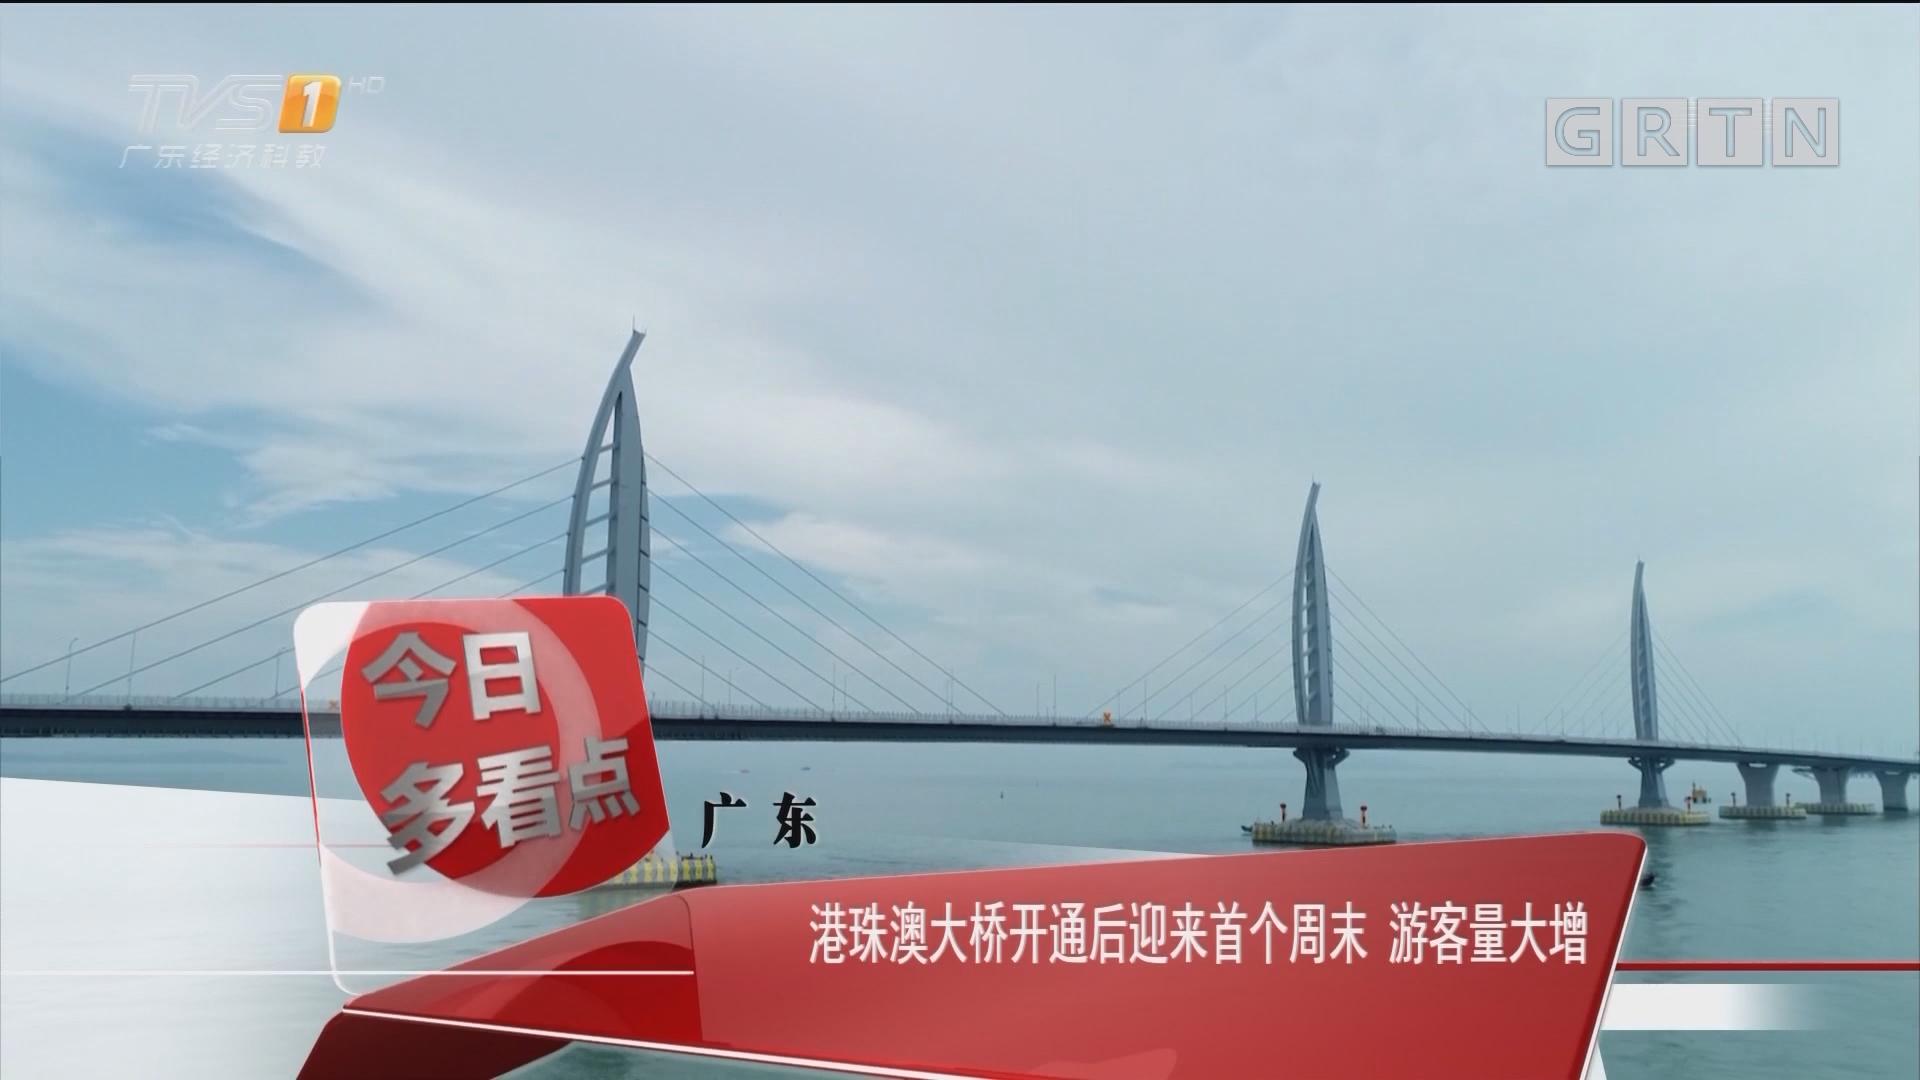 广东:港珠澳大桥开通后迎来首个周末 游客量大增